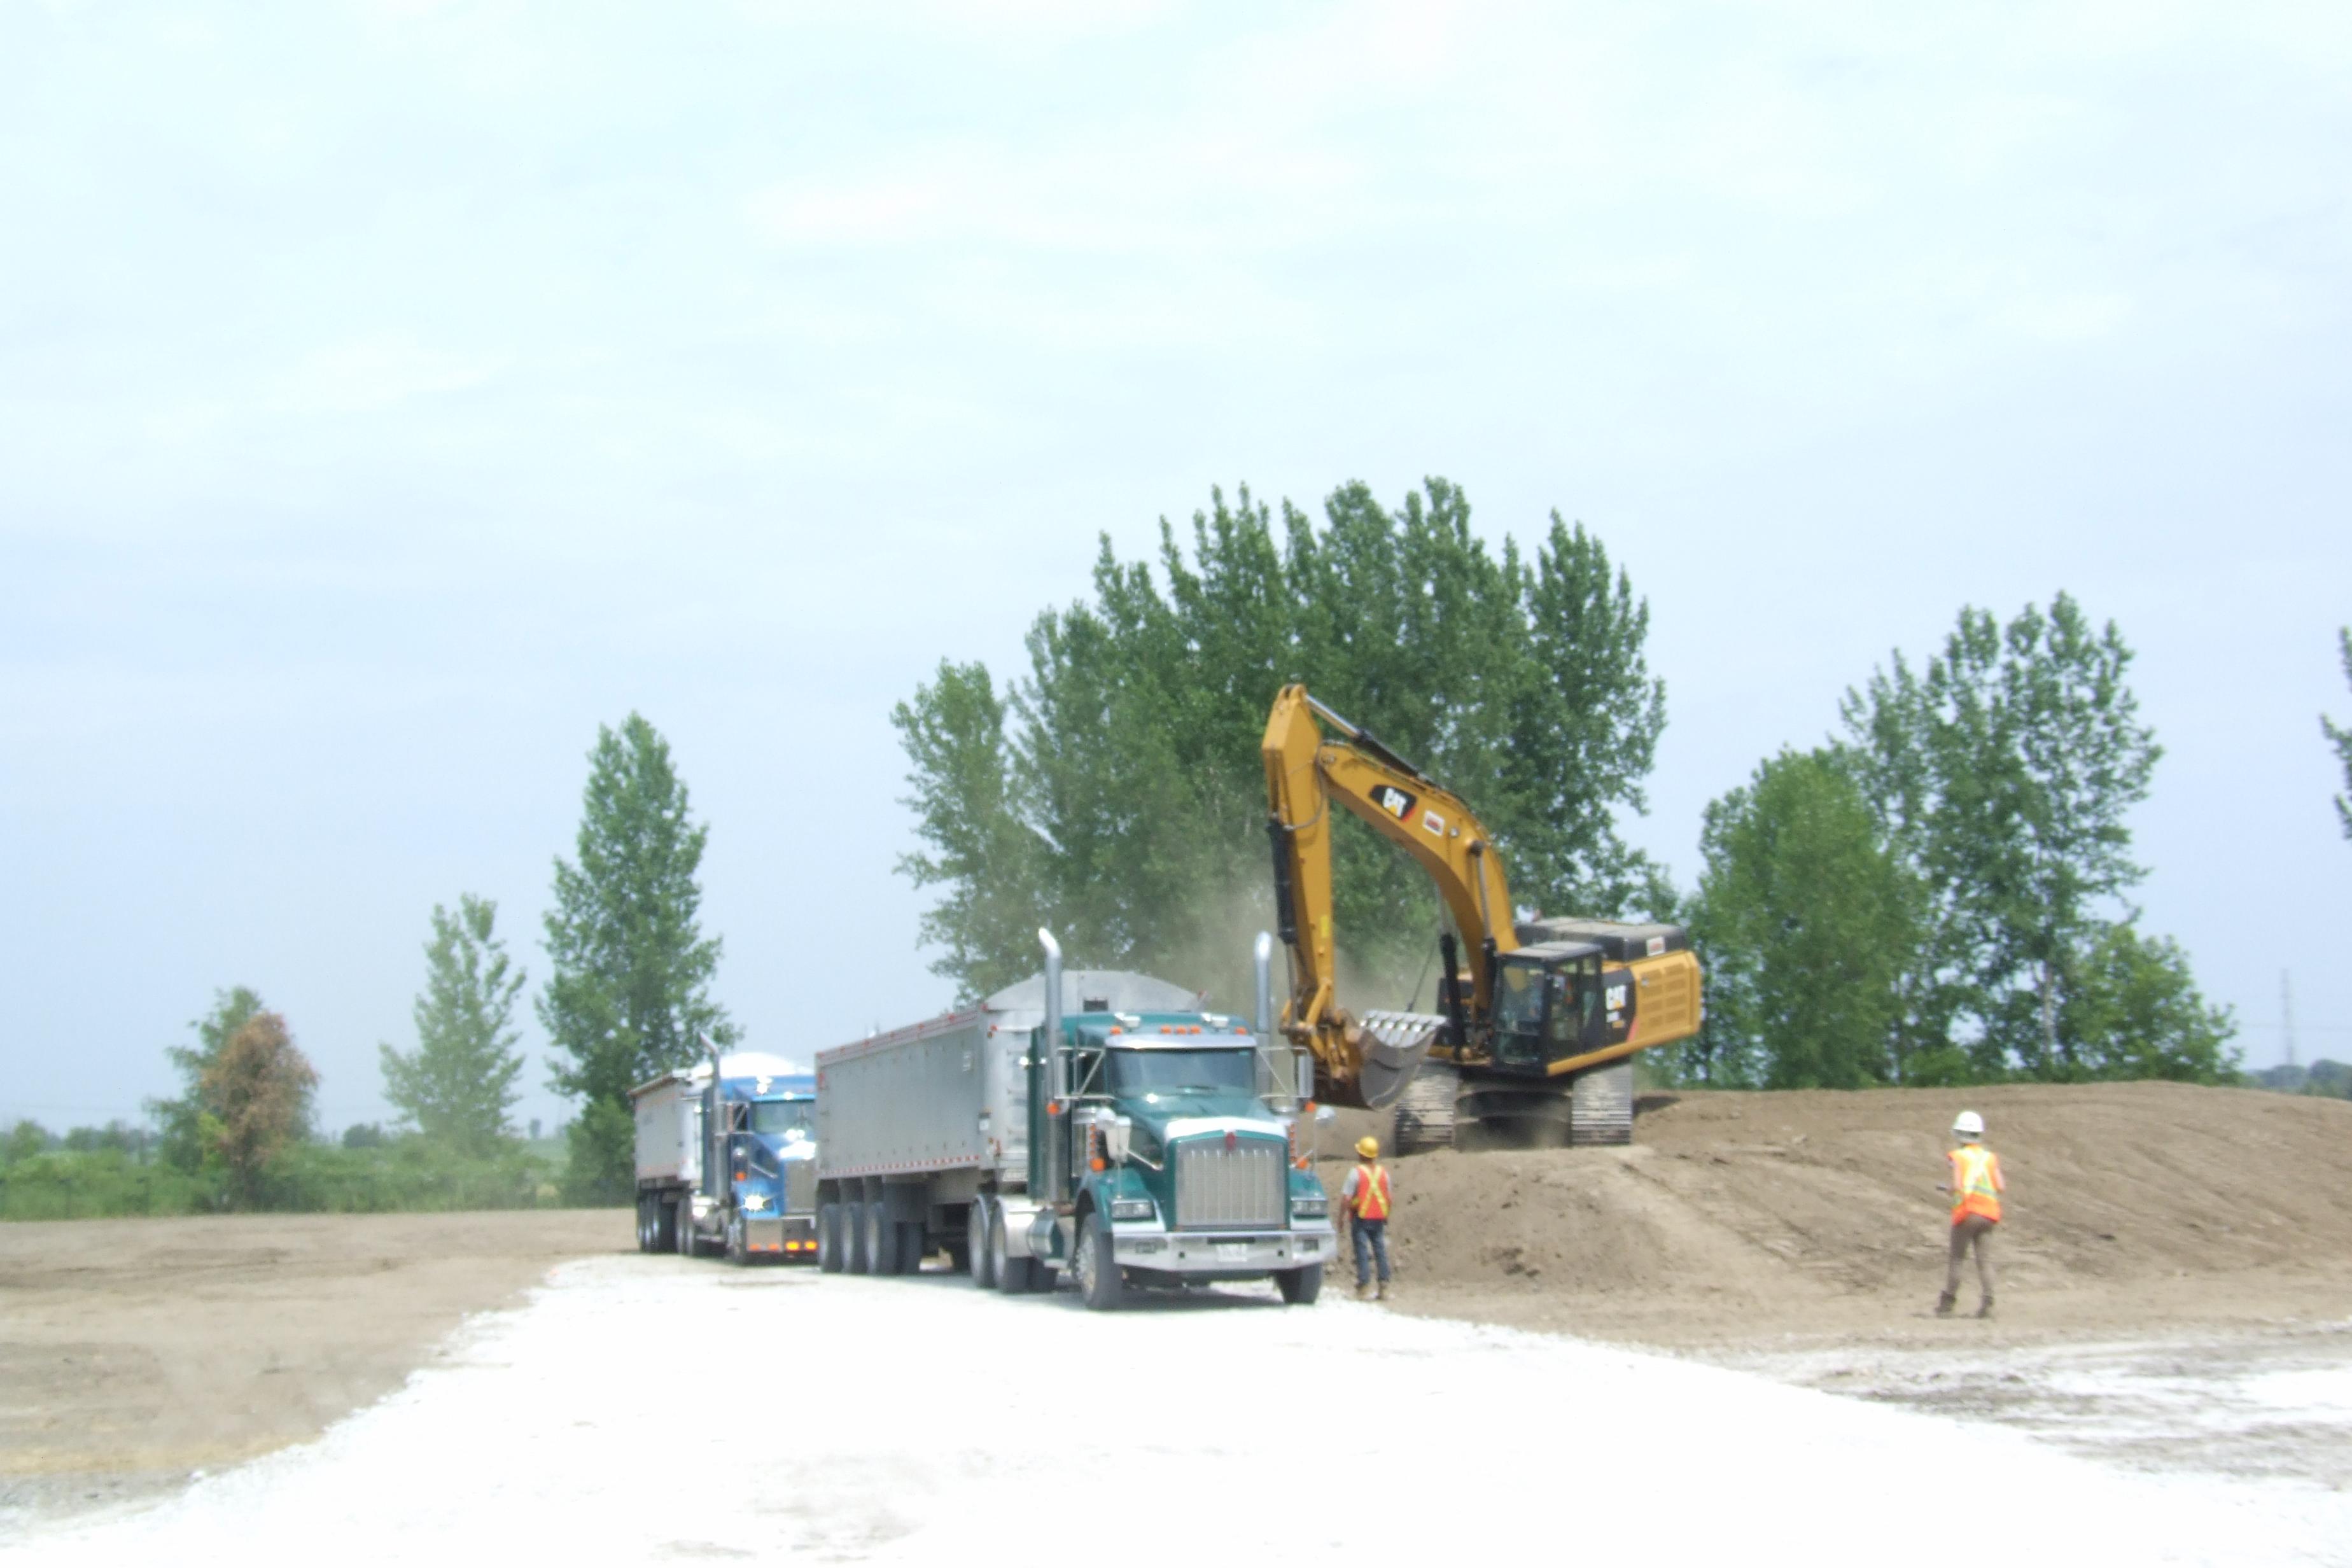 Mise en chantier d'un projet d'habitation locatif de 96 unités dans le secteur est de Boucherville